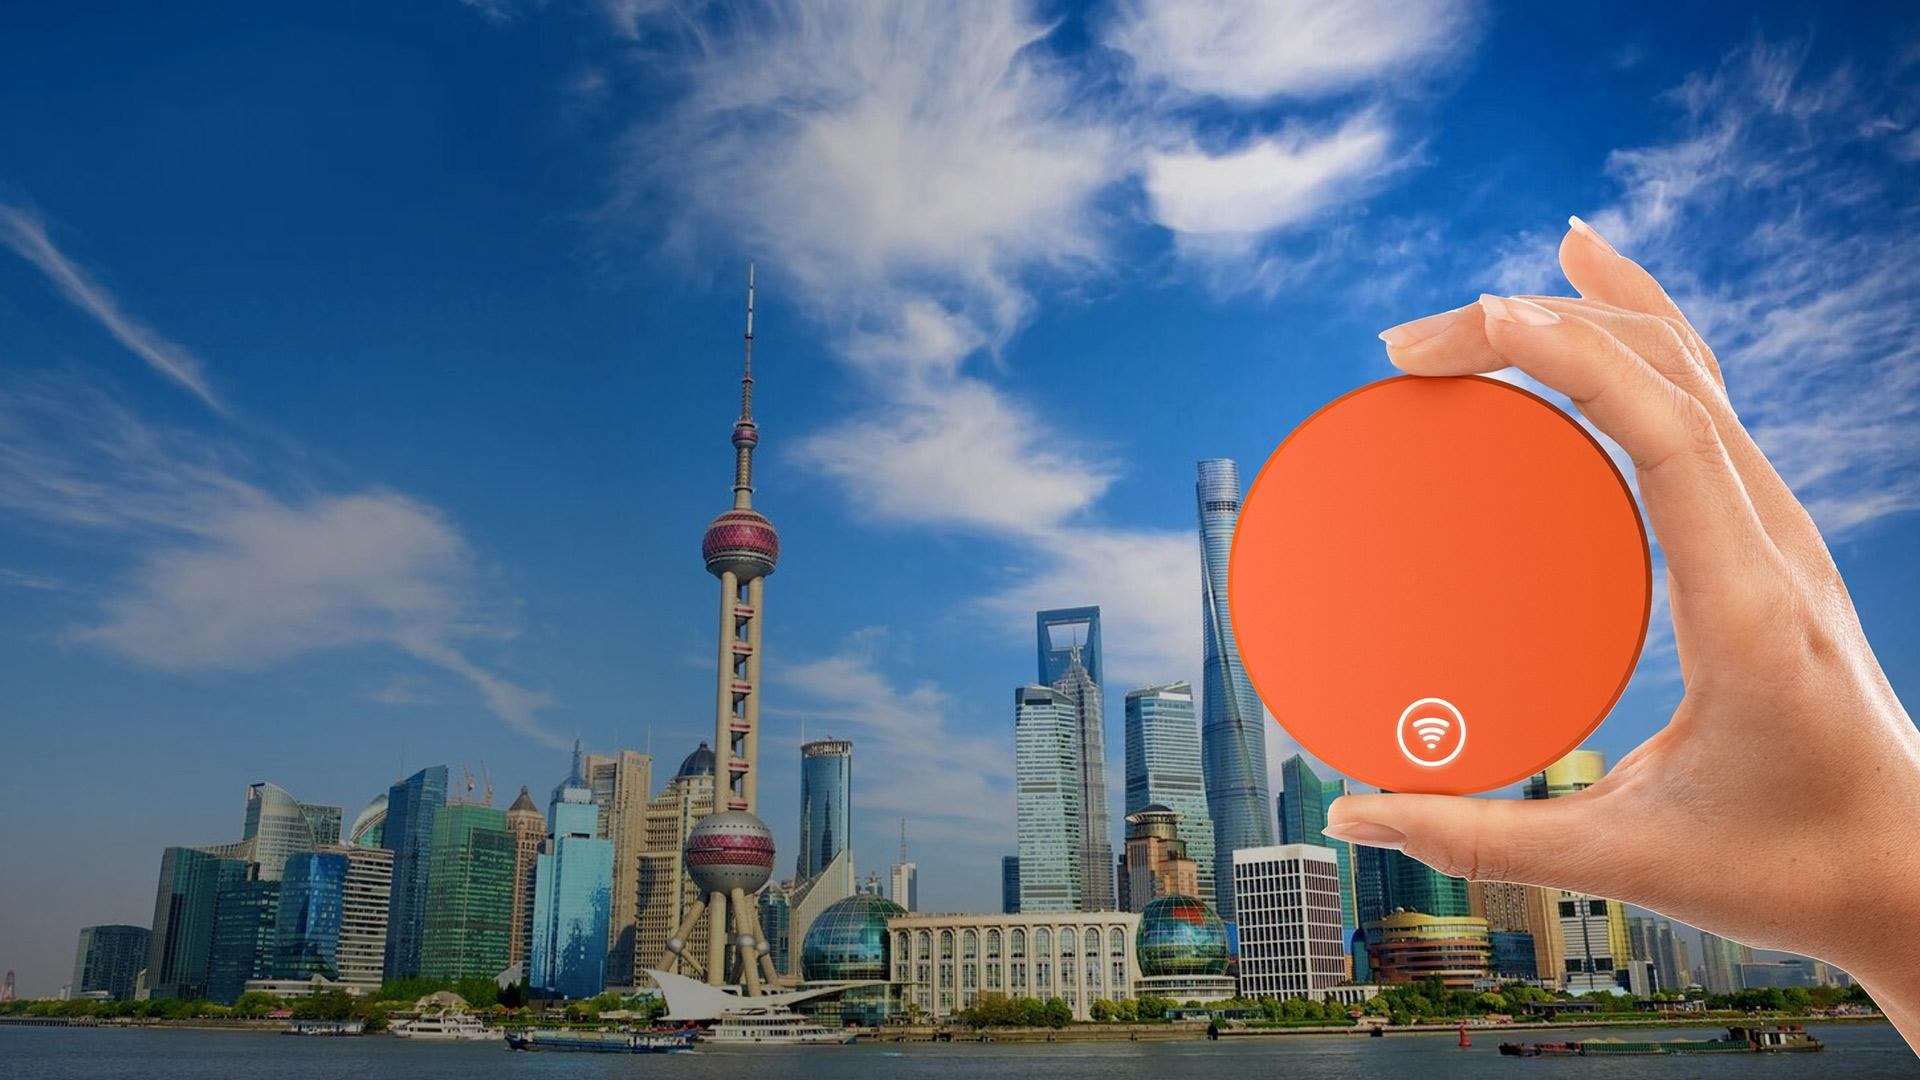 Con este dispositivo podemos tener internet ilimitado en todo el mundo